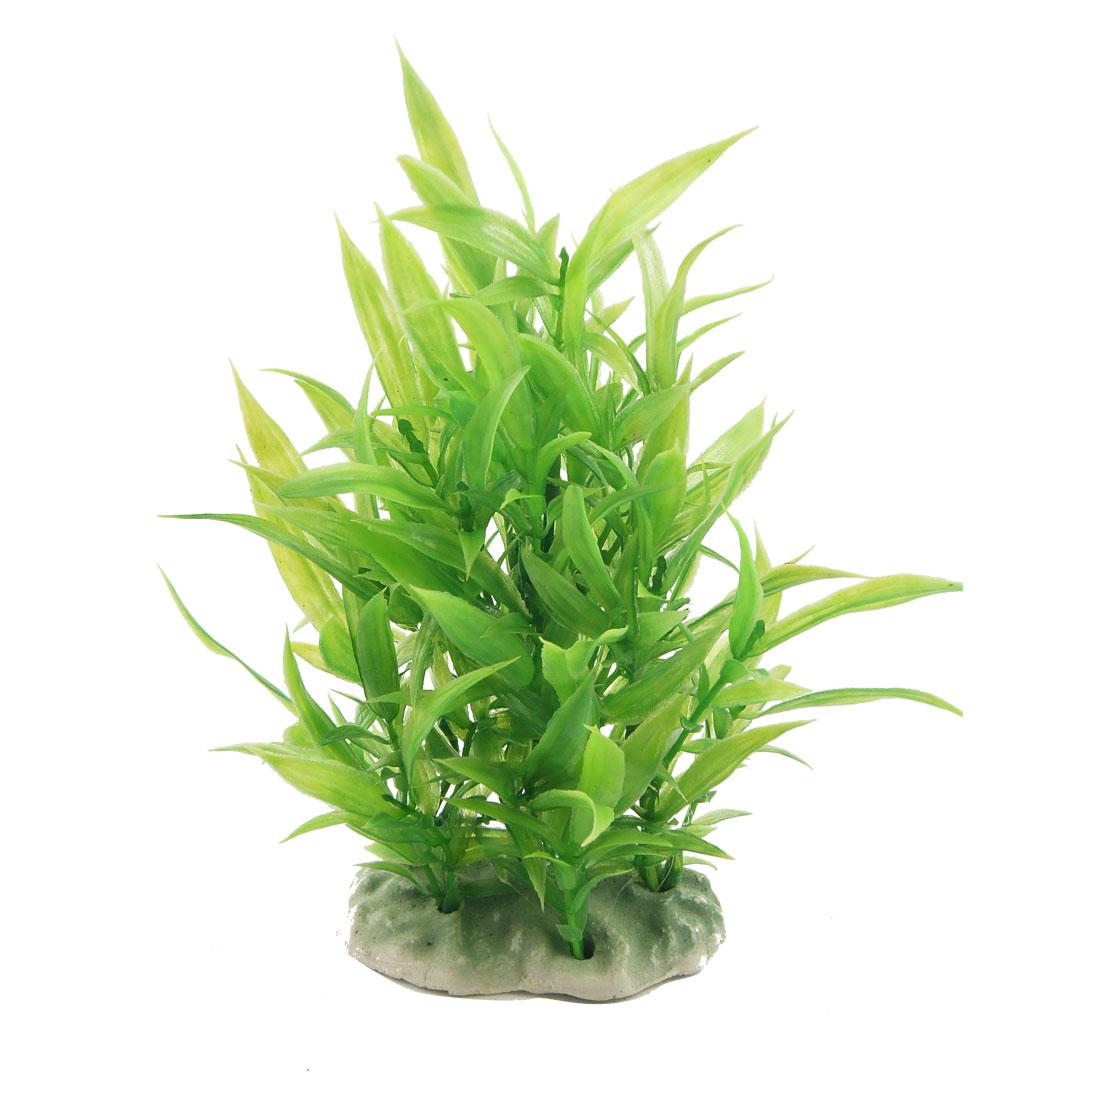 """7.3"""" High Green Artificial Plastic Water Grass Ornament for Aquarium"""